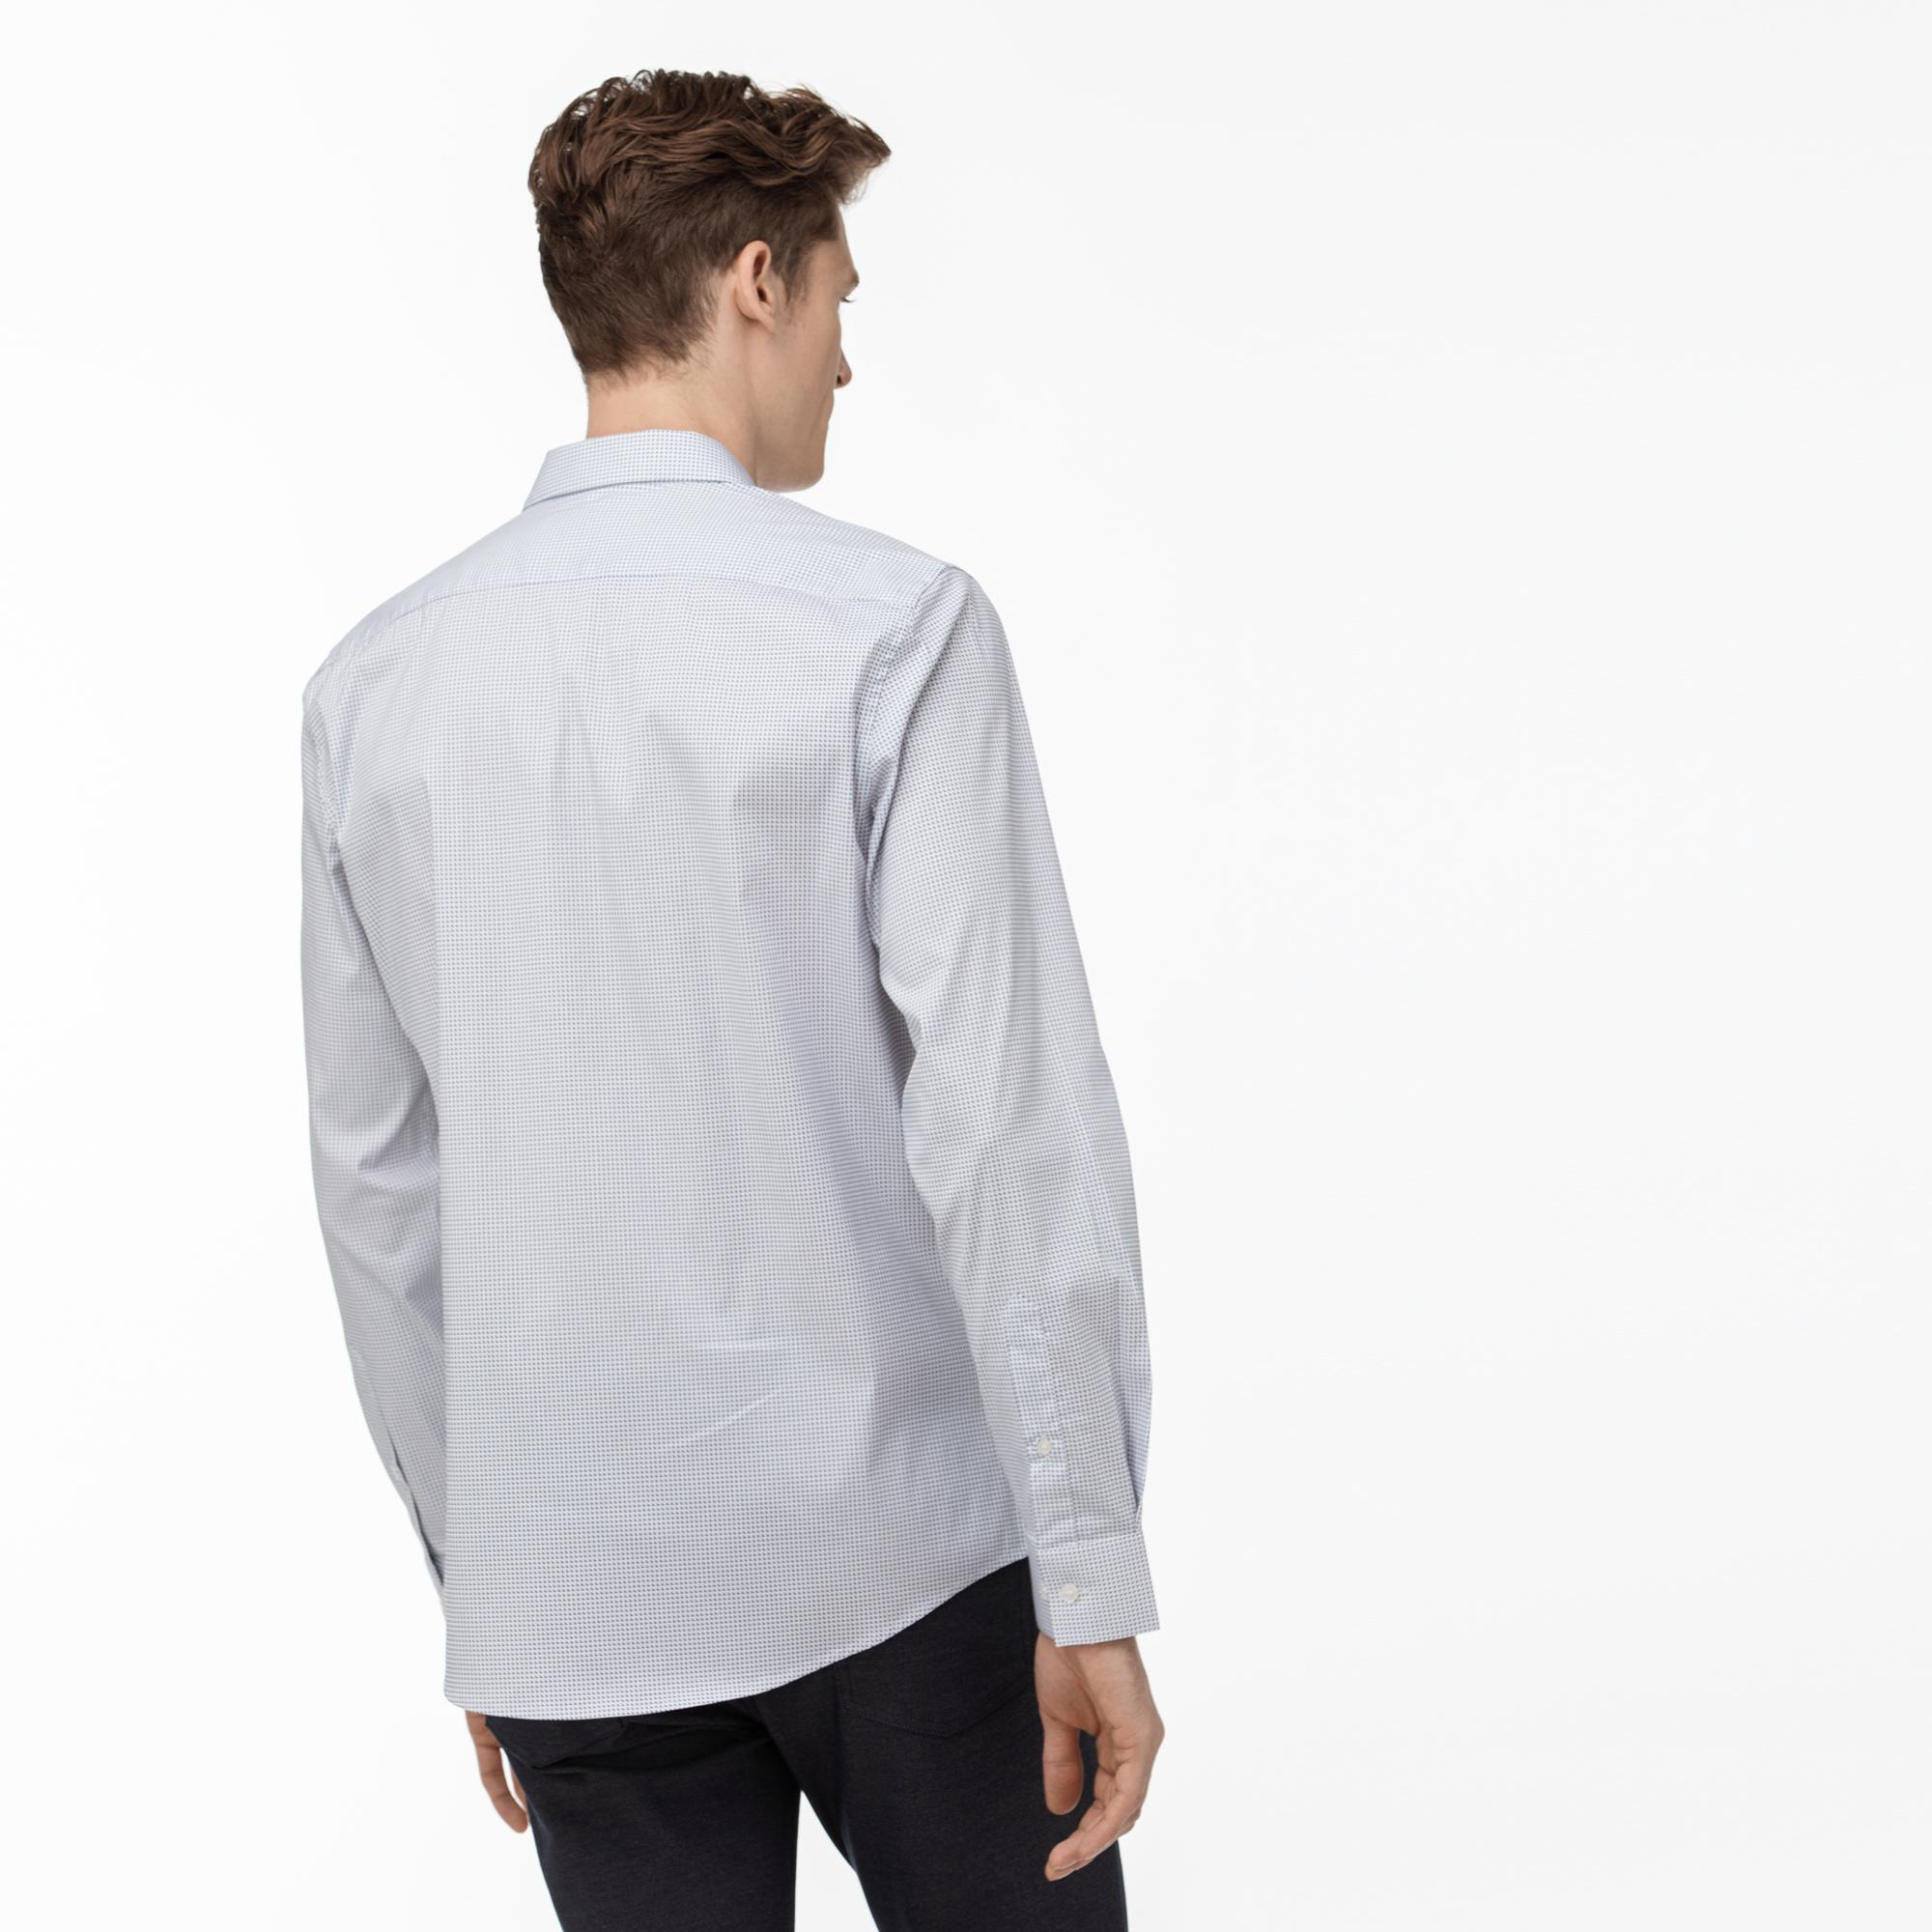 Lacoste Erkek Slim Fit Düğmeli Yaka Beyaz - Lacivert Gömlek